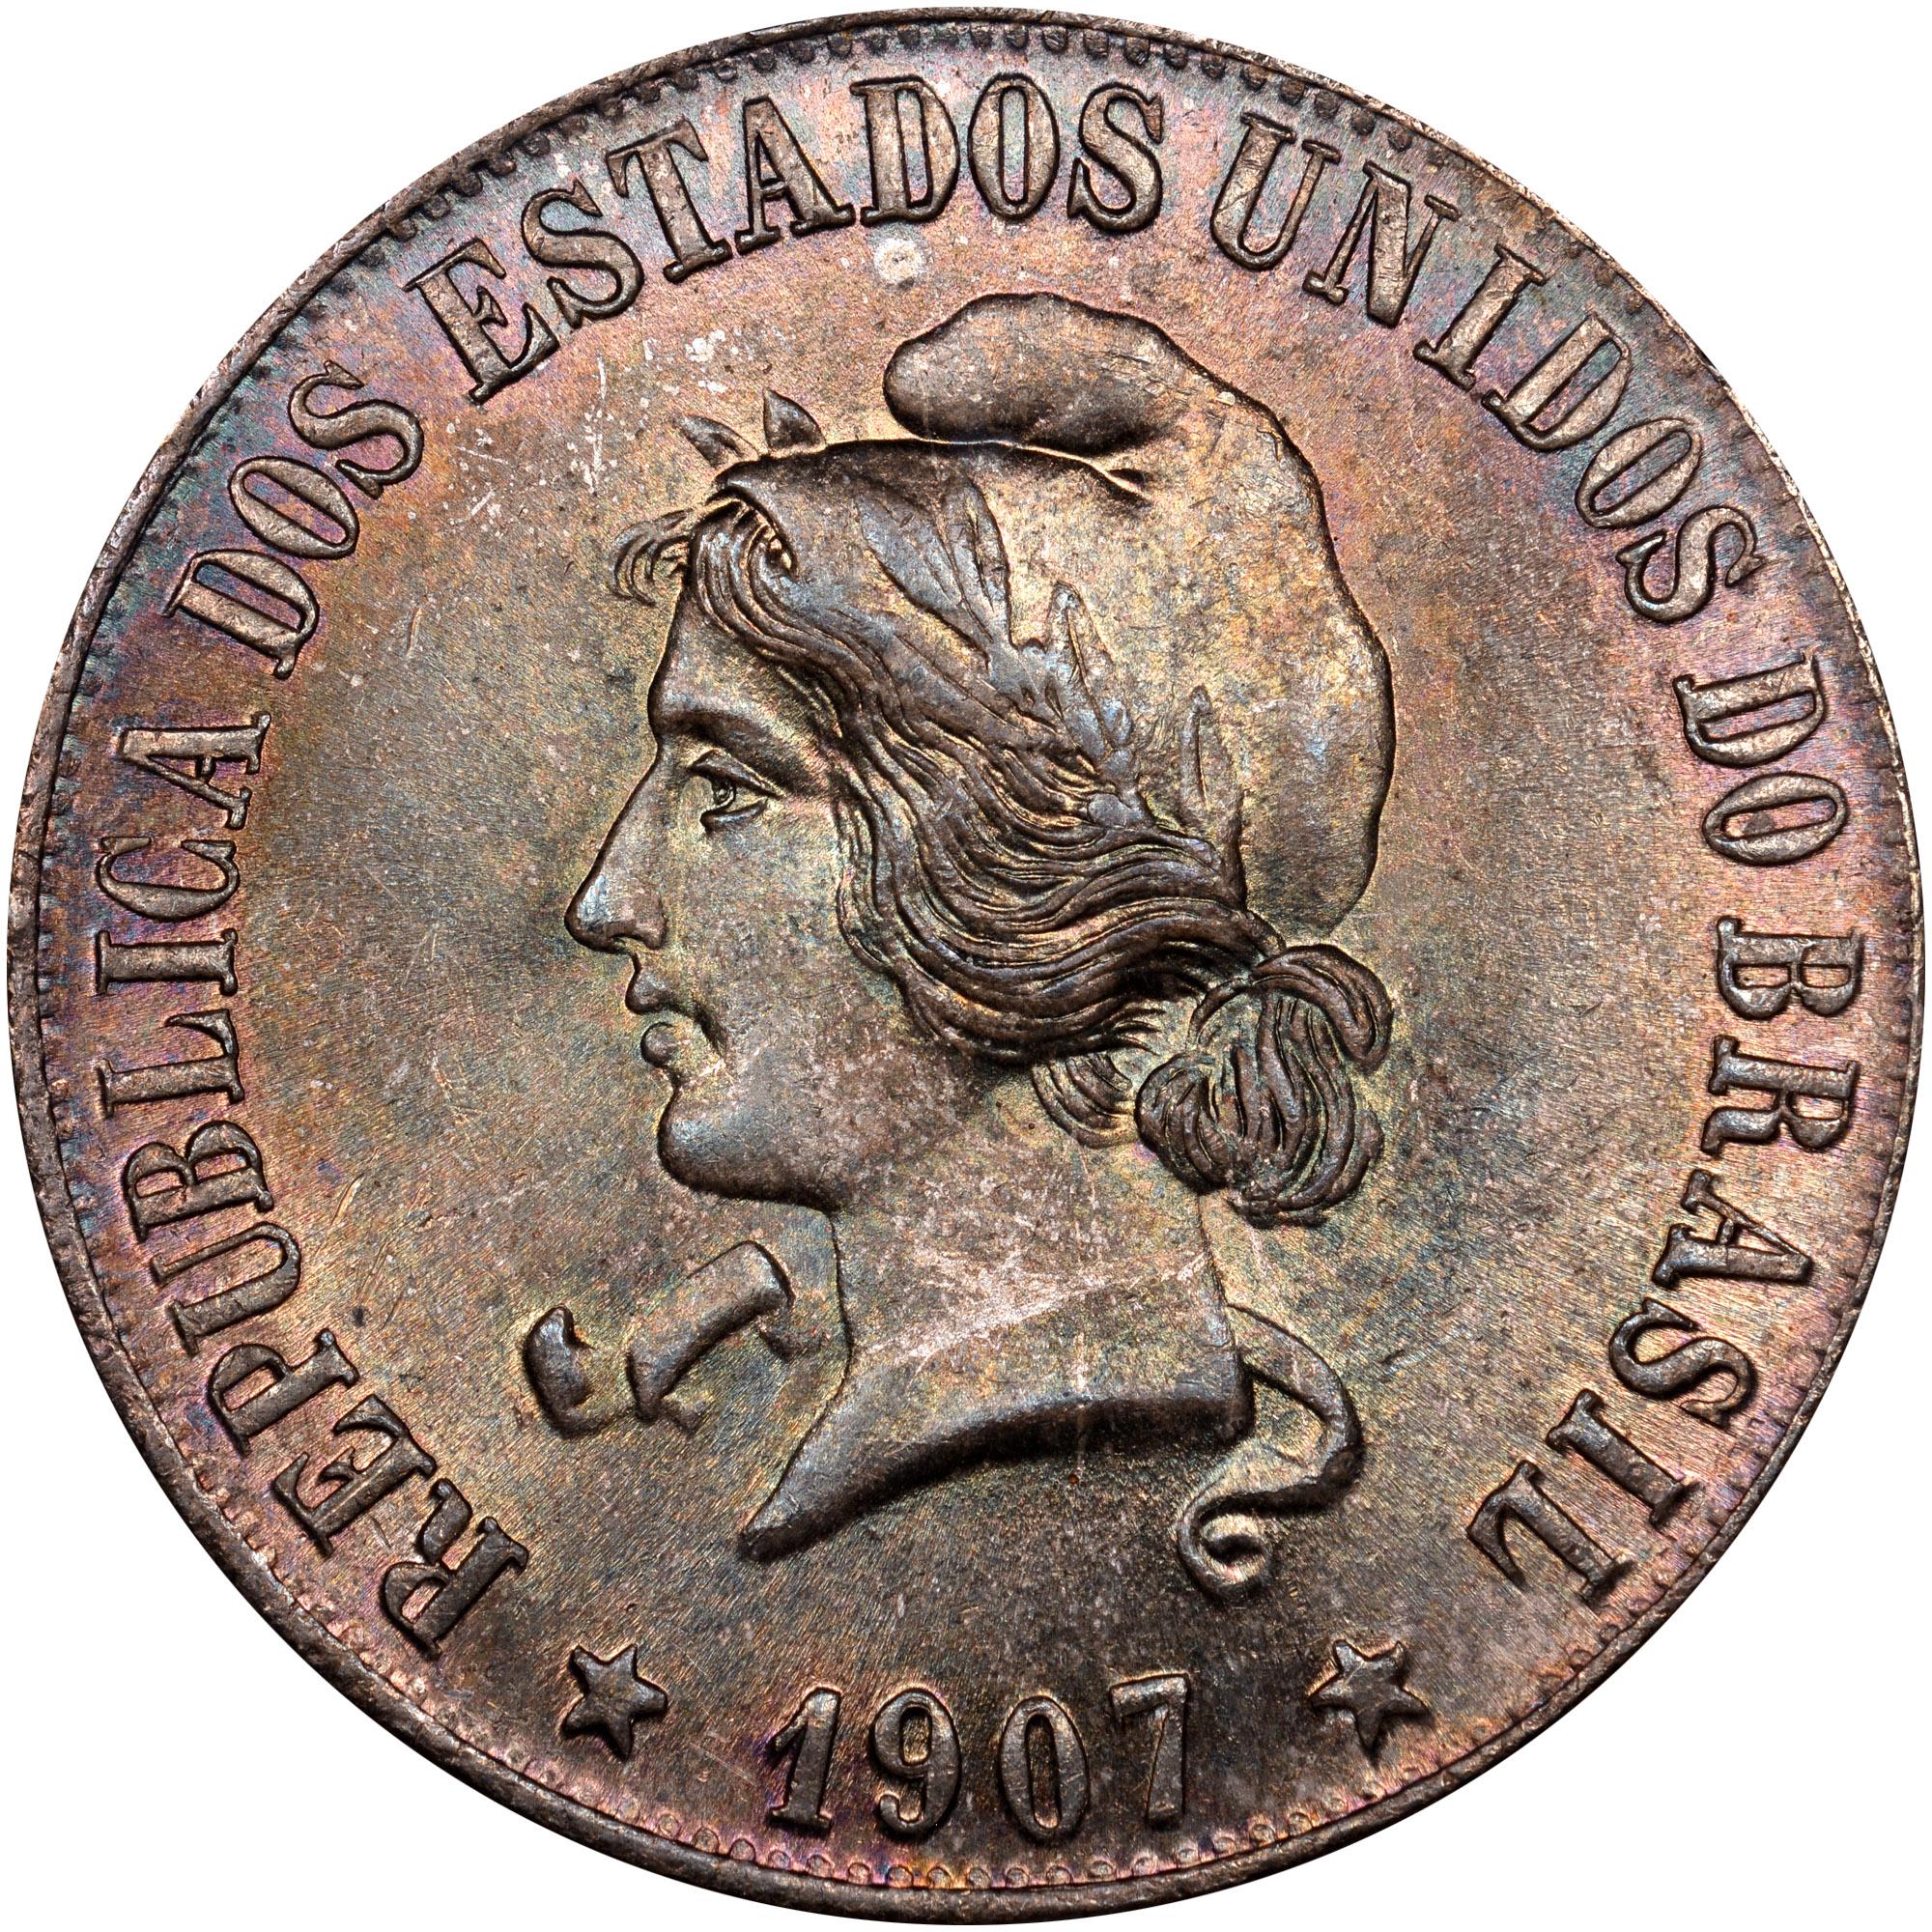 1906-1912 Brazil 2000 Reis obverse